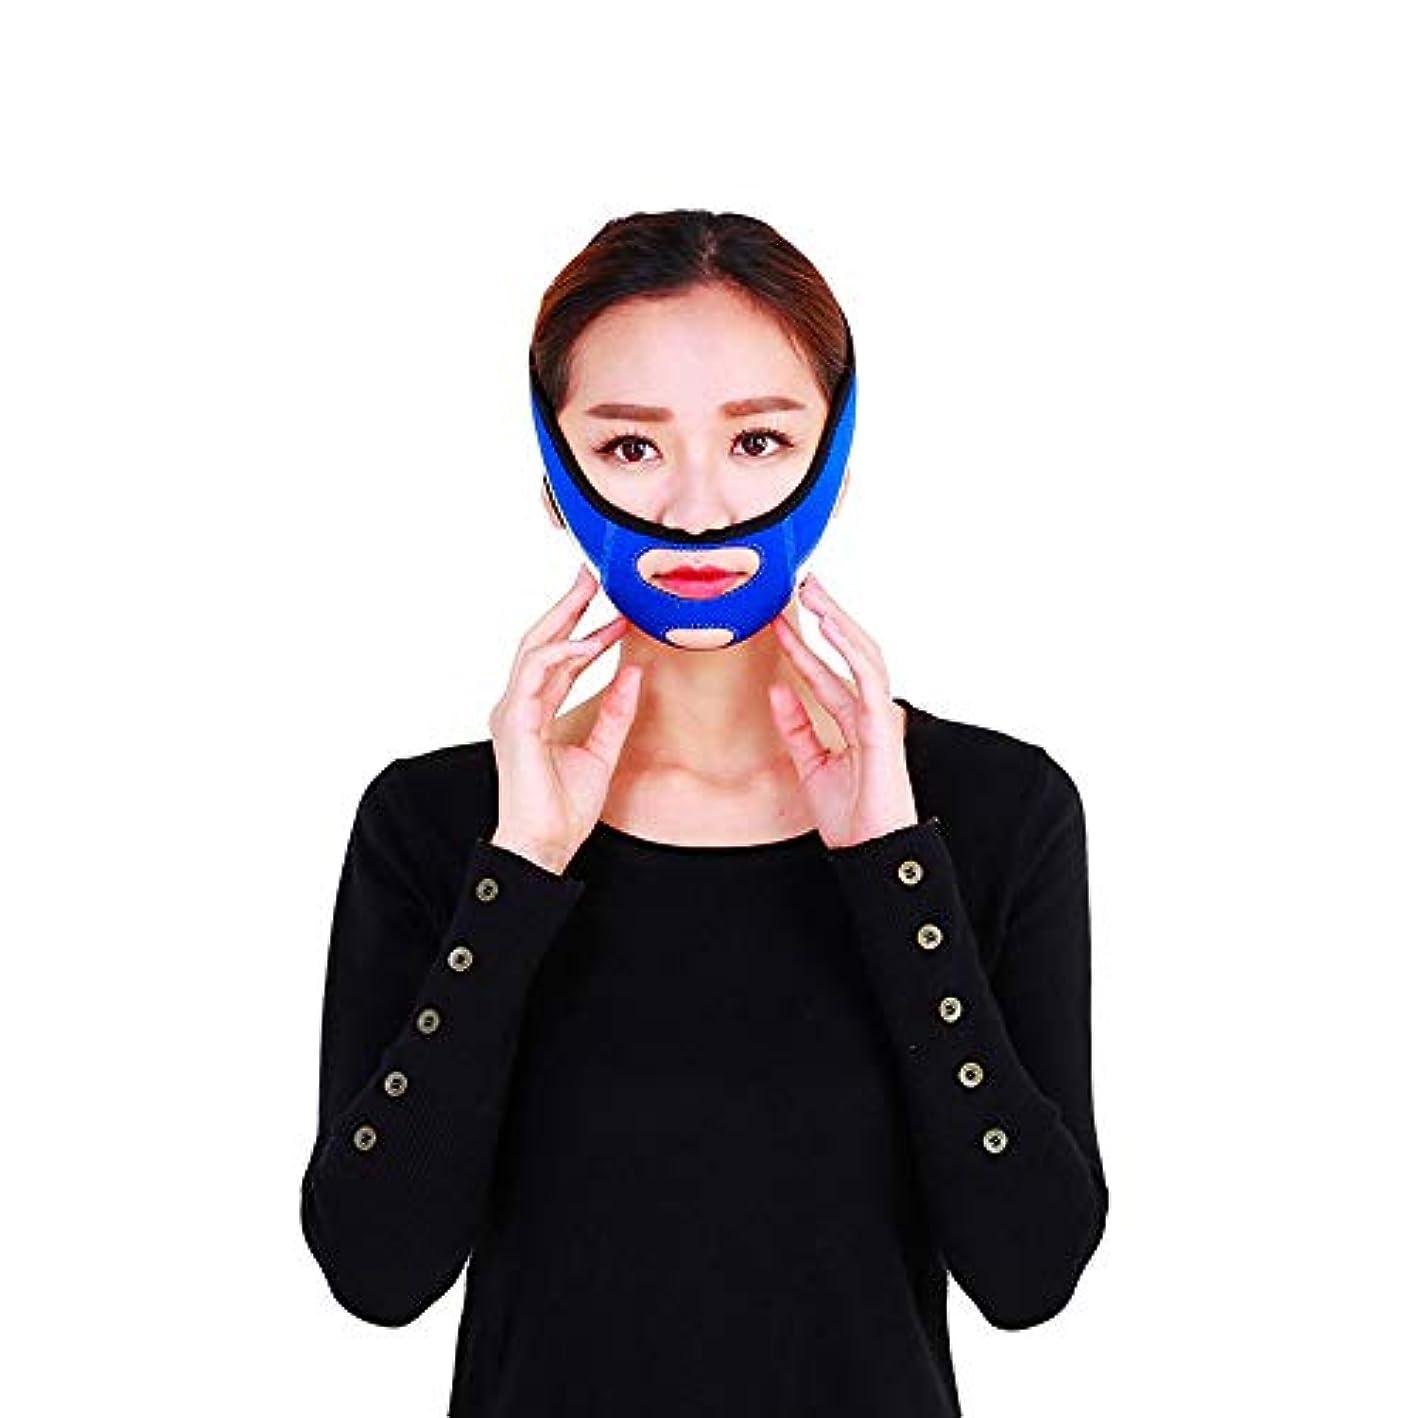 シャツ疎外印象的なBS フェイシャルリフティング痩身ベルトフェーススリム二重あごを取り除くアンチエイジングリンクルフェイス包帯マスク整形マスクが顔を引き締める フェイスリフティングアーティファクト